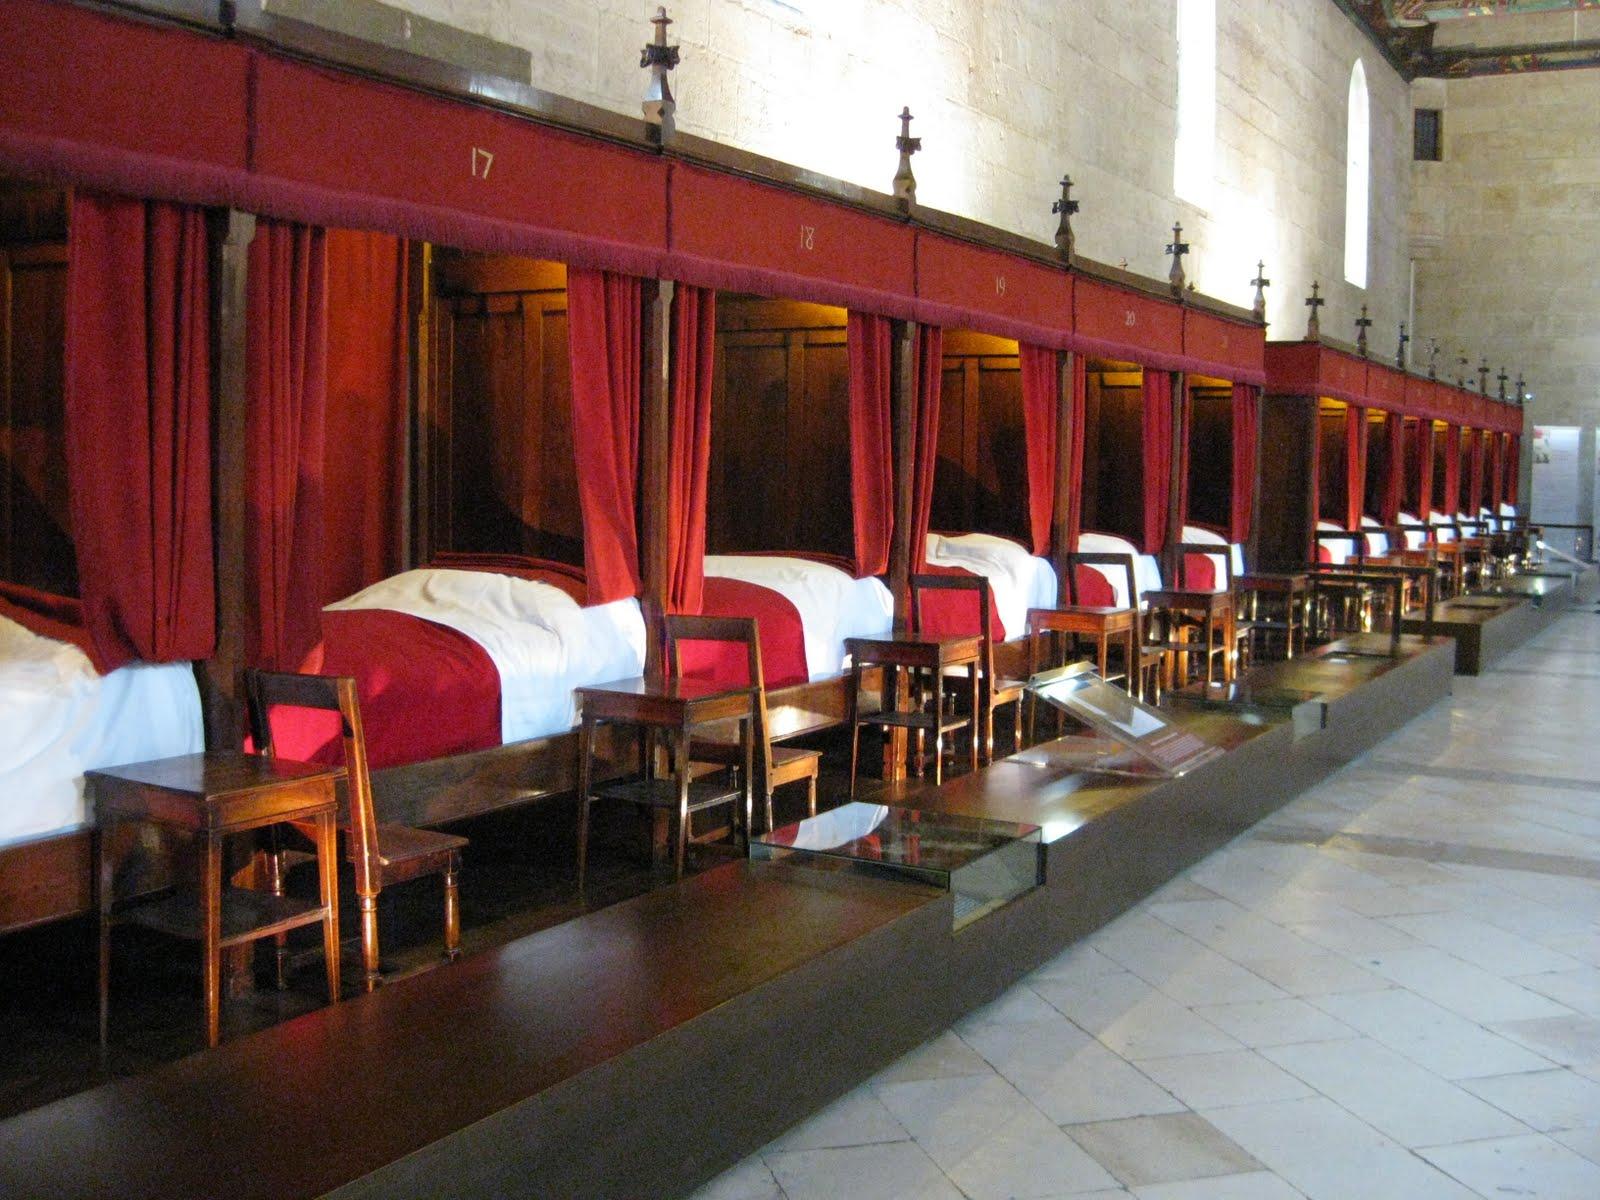 Hotel dieu part1 glenbanna for Hotels beaune